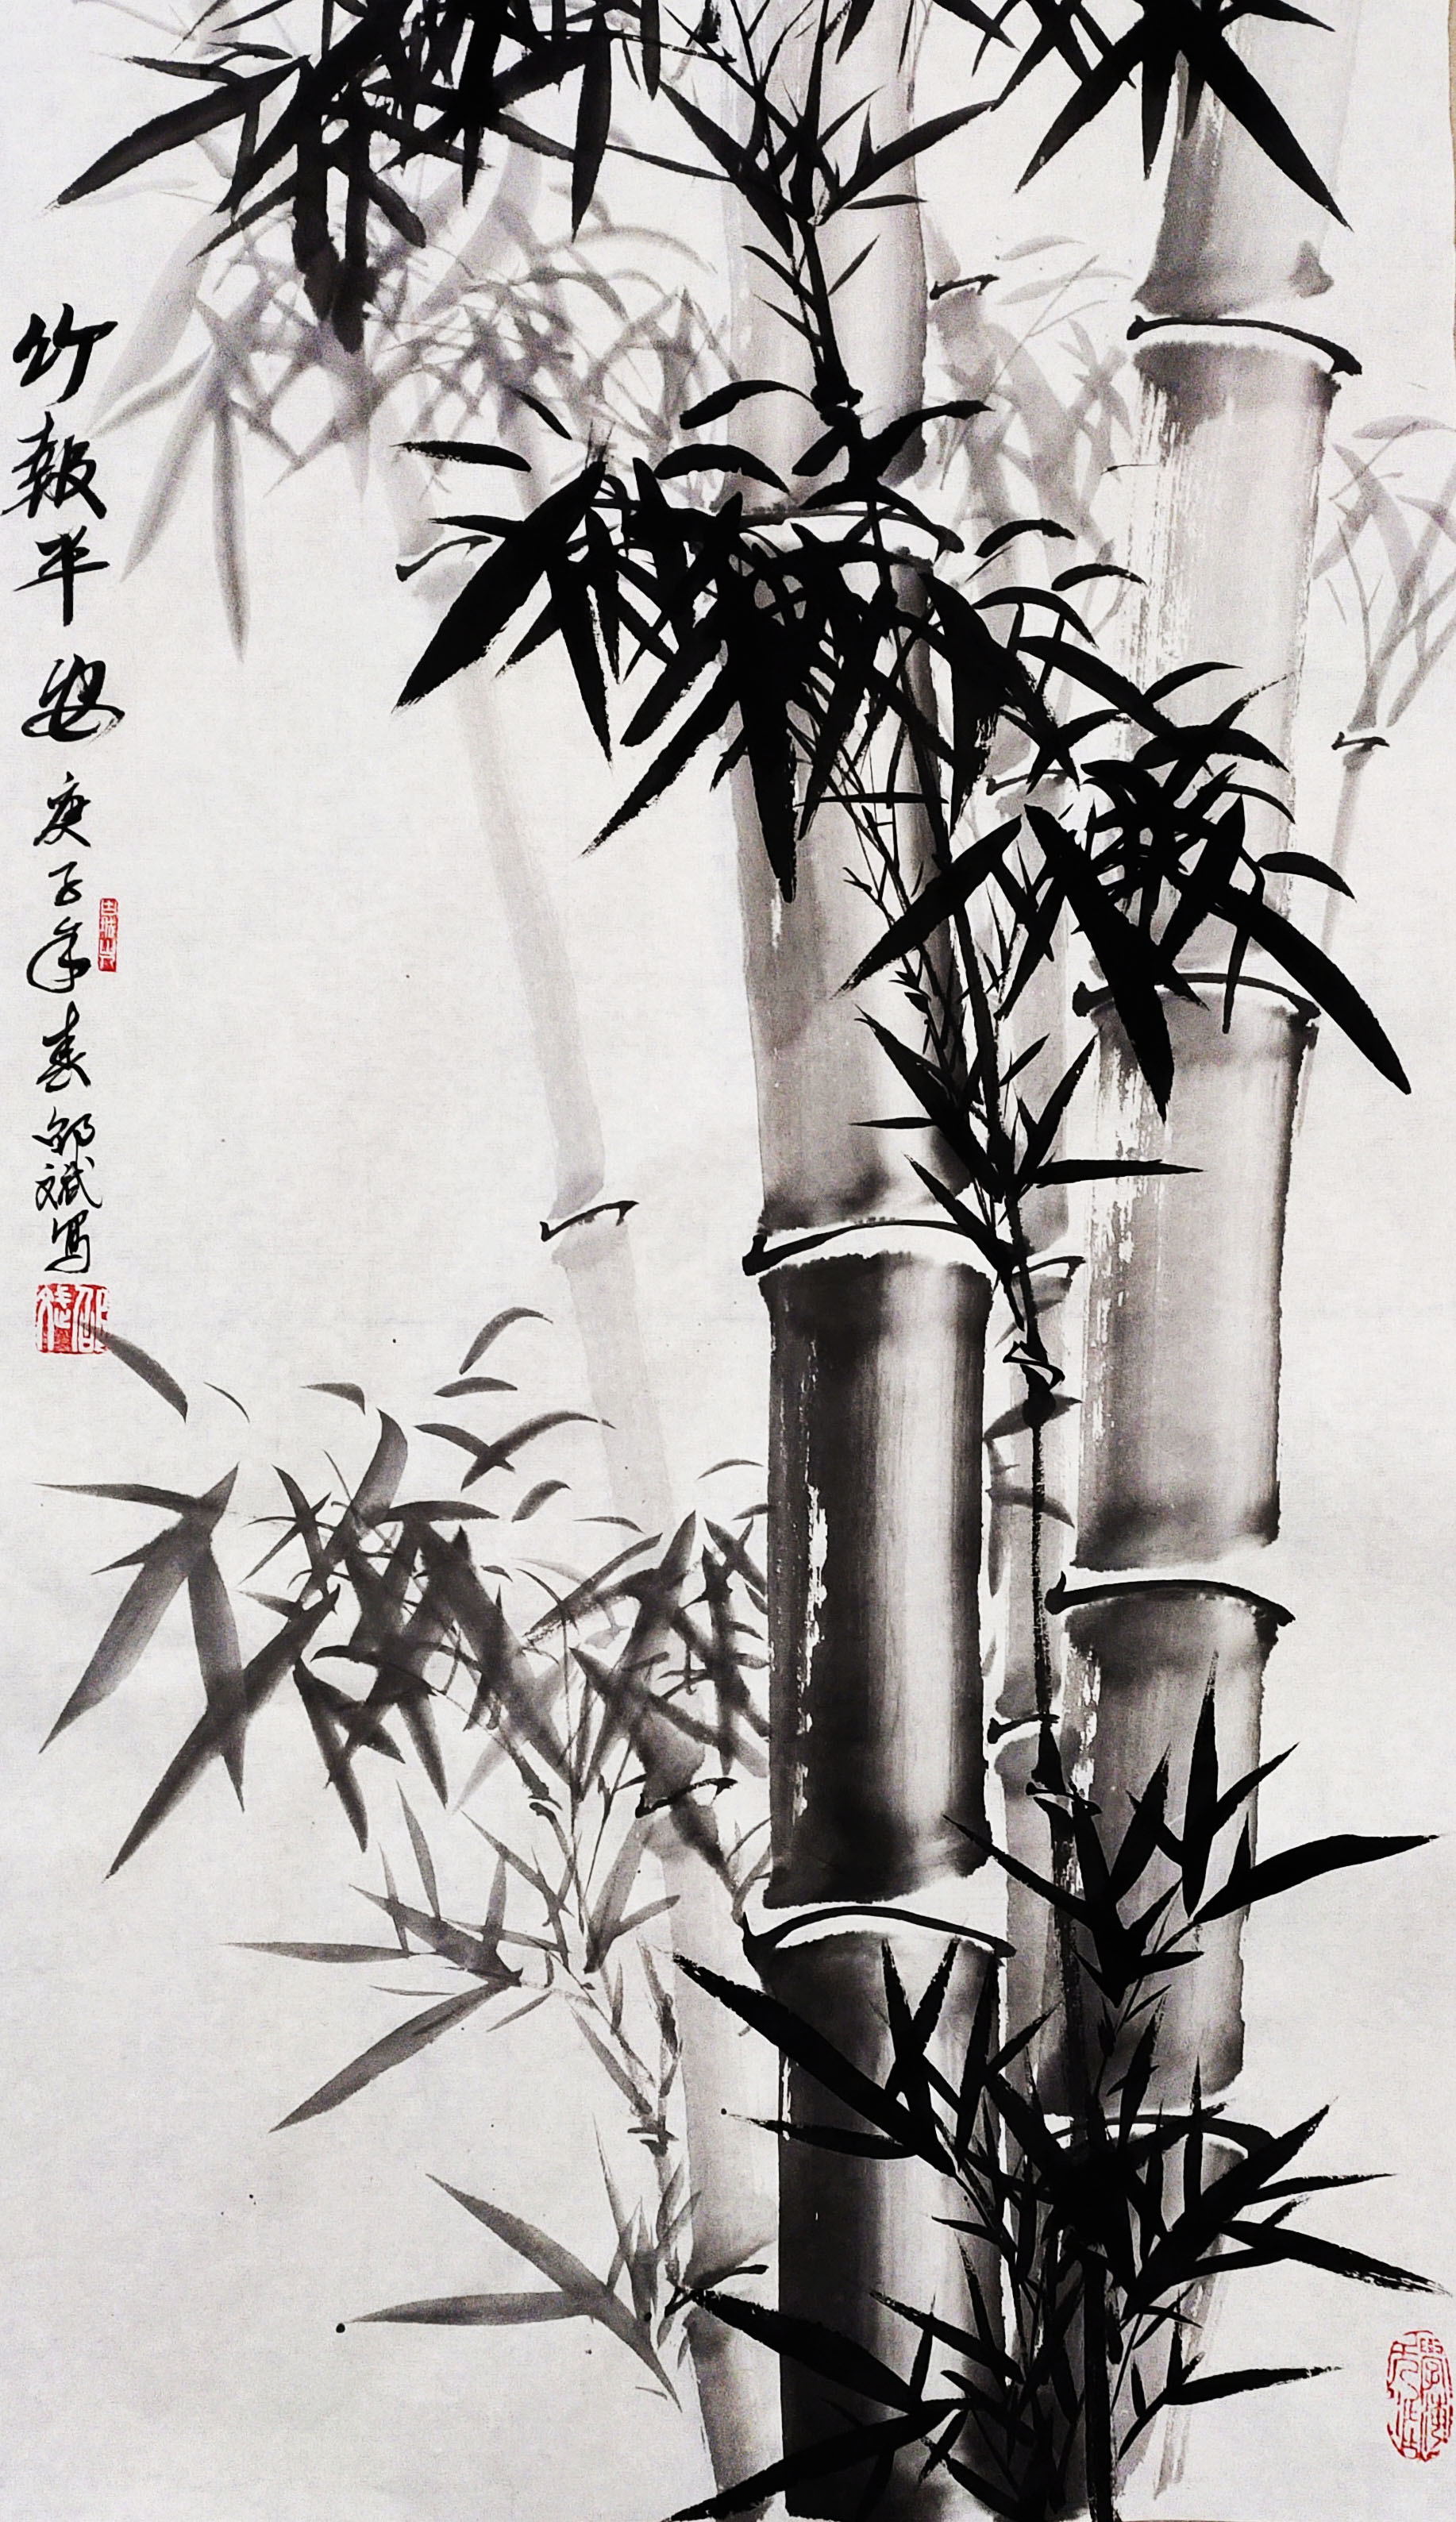 竹报平安中国画 竹子 庚子年春邵斌写意花鸟画